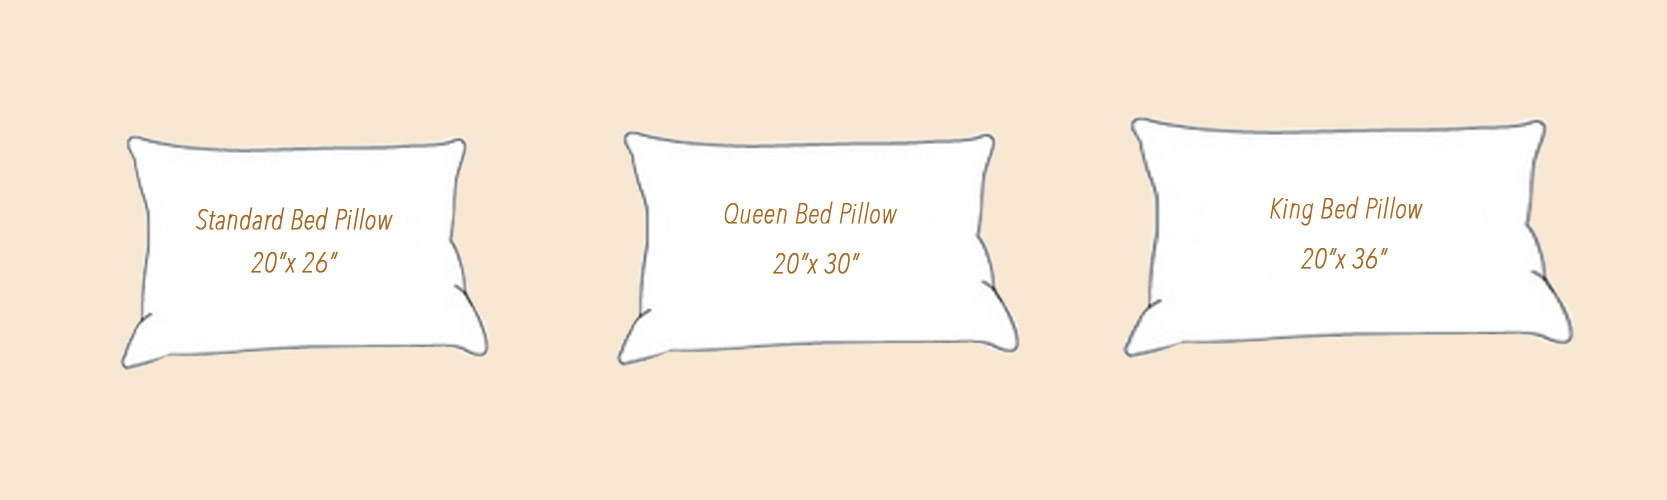 Standard Bed Pillows